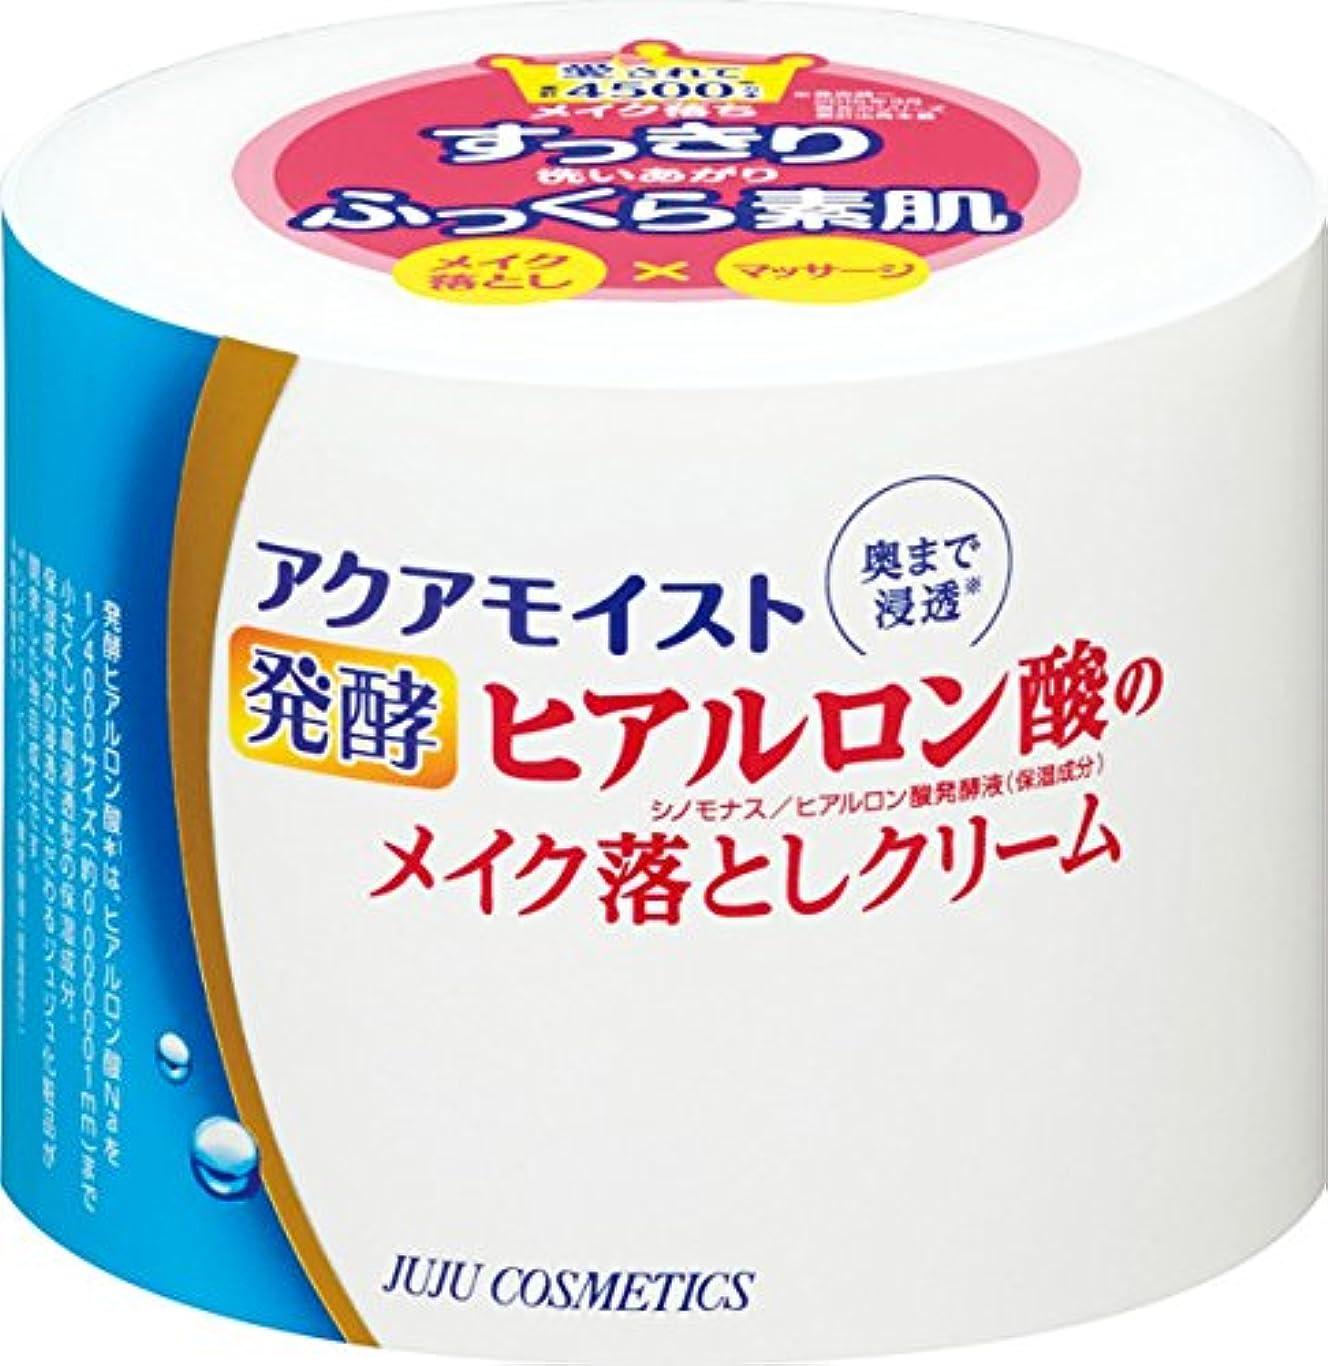 アクセスバッグ救出アクアモイスト 発酵ヒアルロン酸のメイク落としクリーム 160g